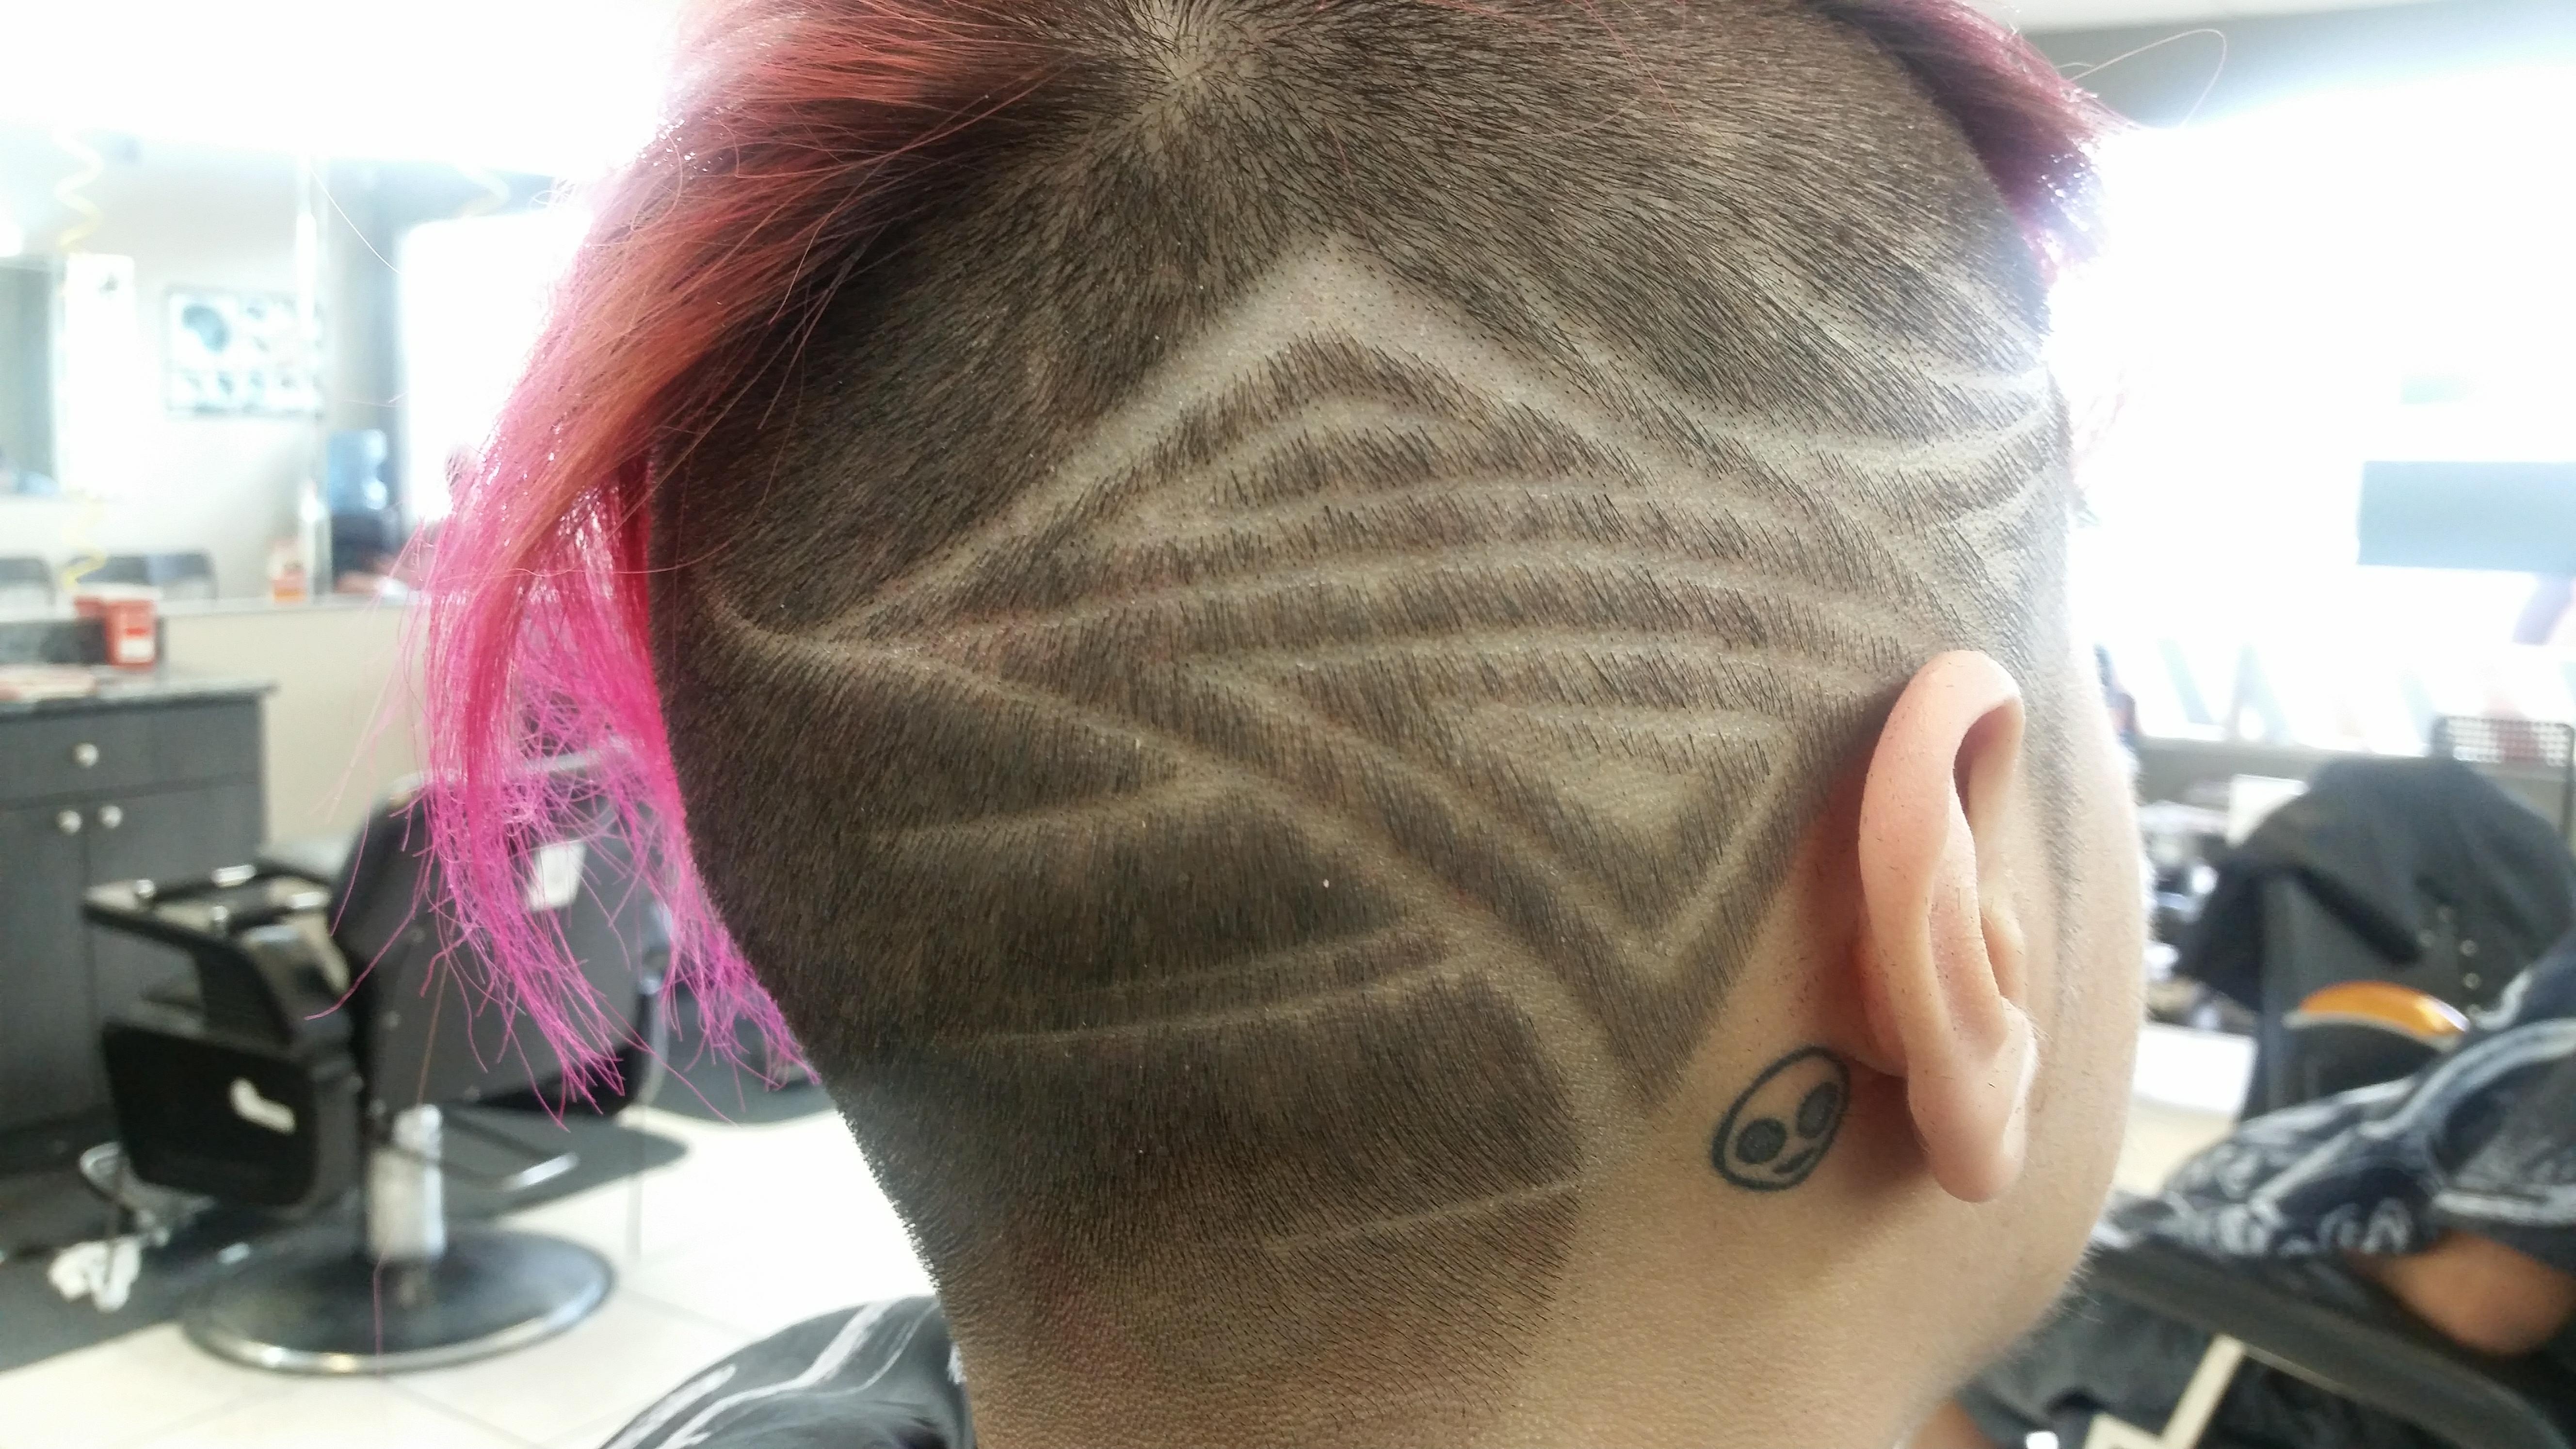 freestyle design daze barber miami